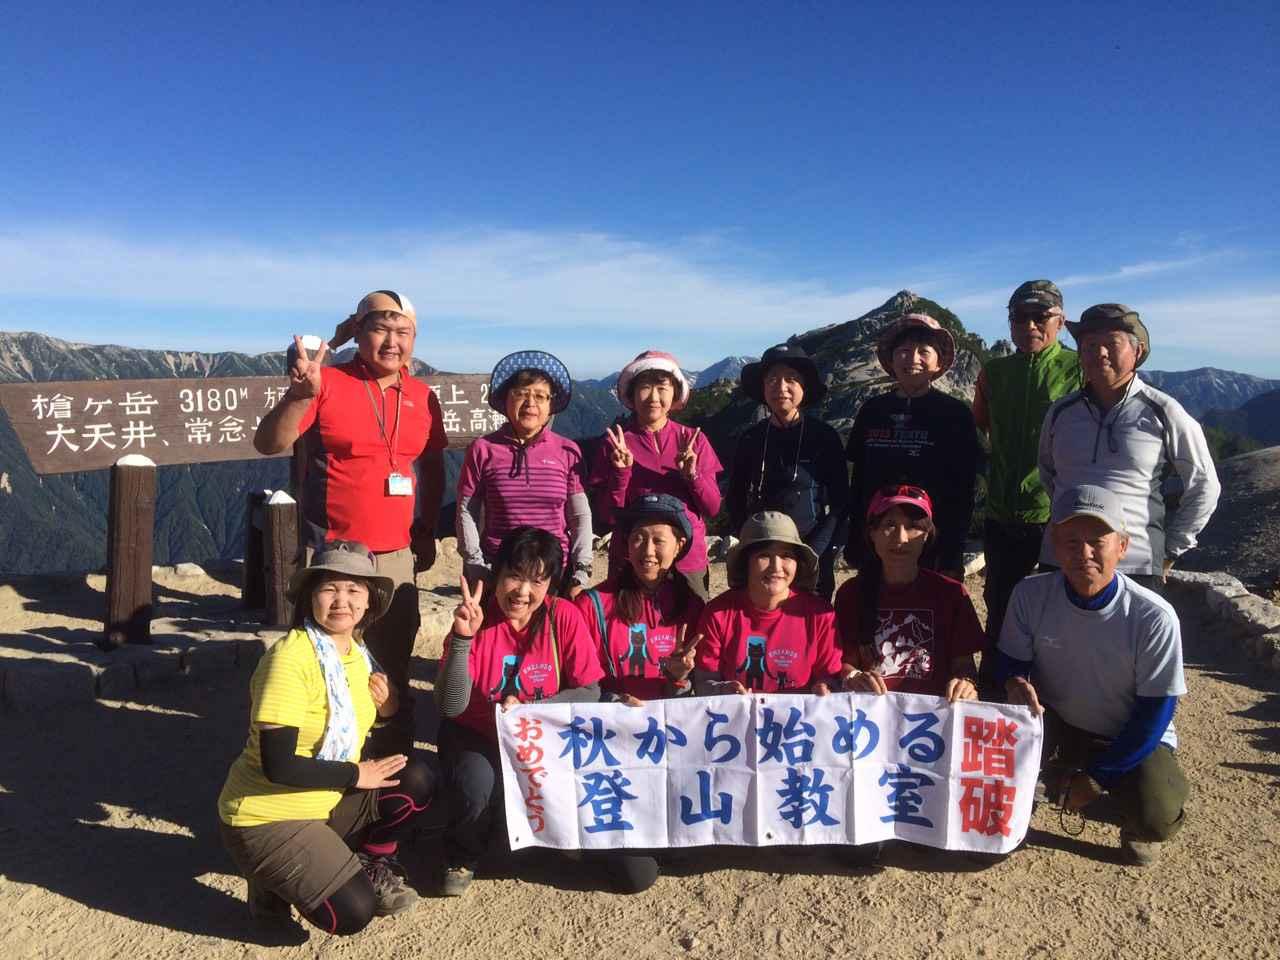 画像: 過去の秋から始める登山教室ツアーより